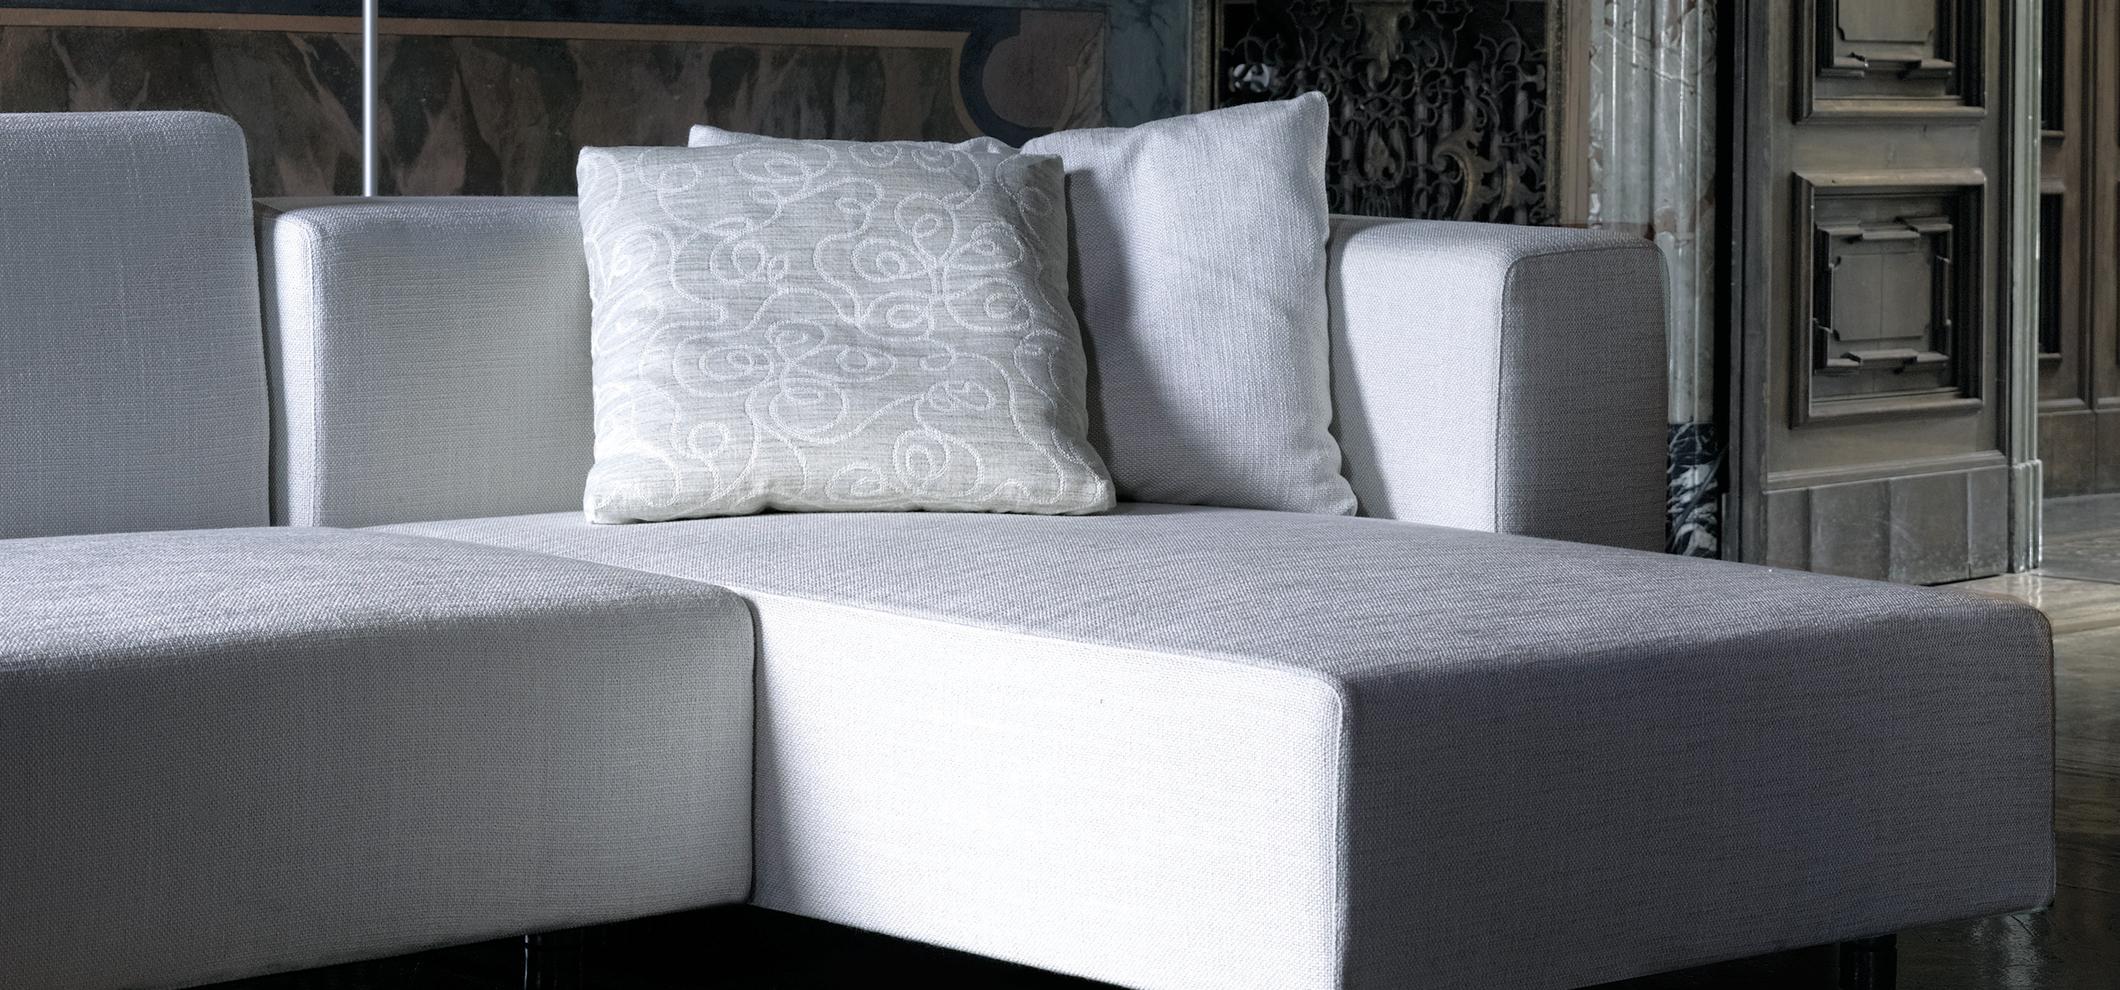 Form Design Divani.Living Divani Architare